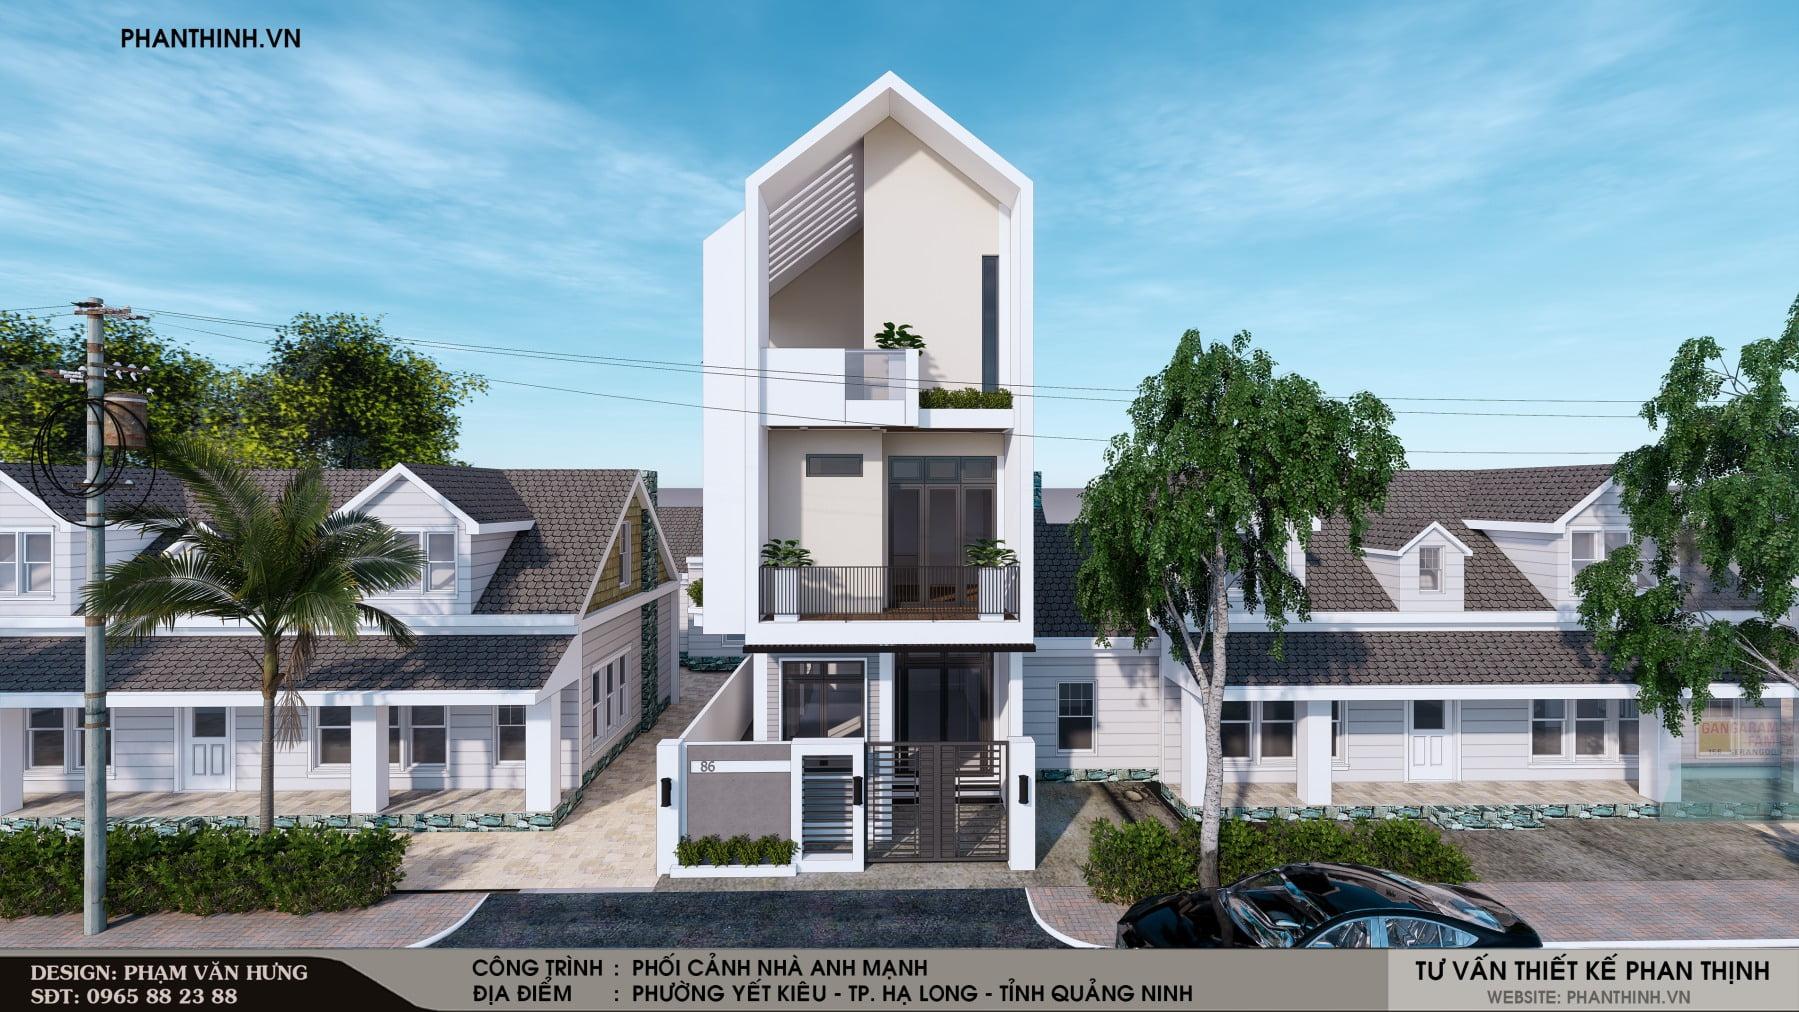 Mẫu thiết kế phối cảnh nhà ống hiện đại 3 tầng tại Quảng Ninh